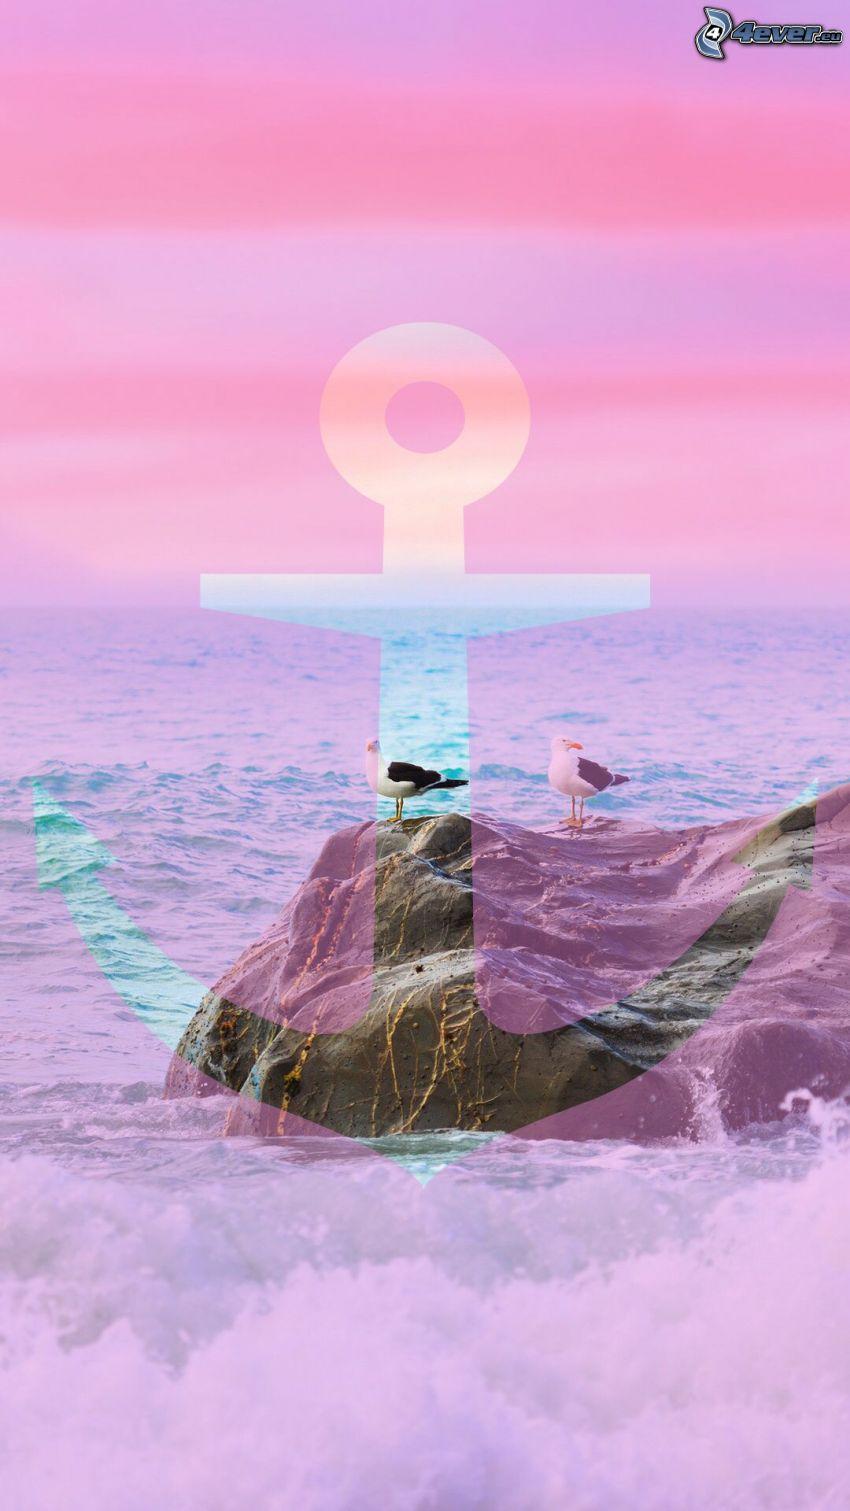 ancora, roccia, gabbiani, cielo viola